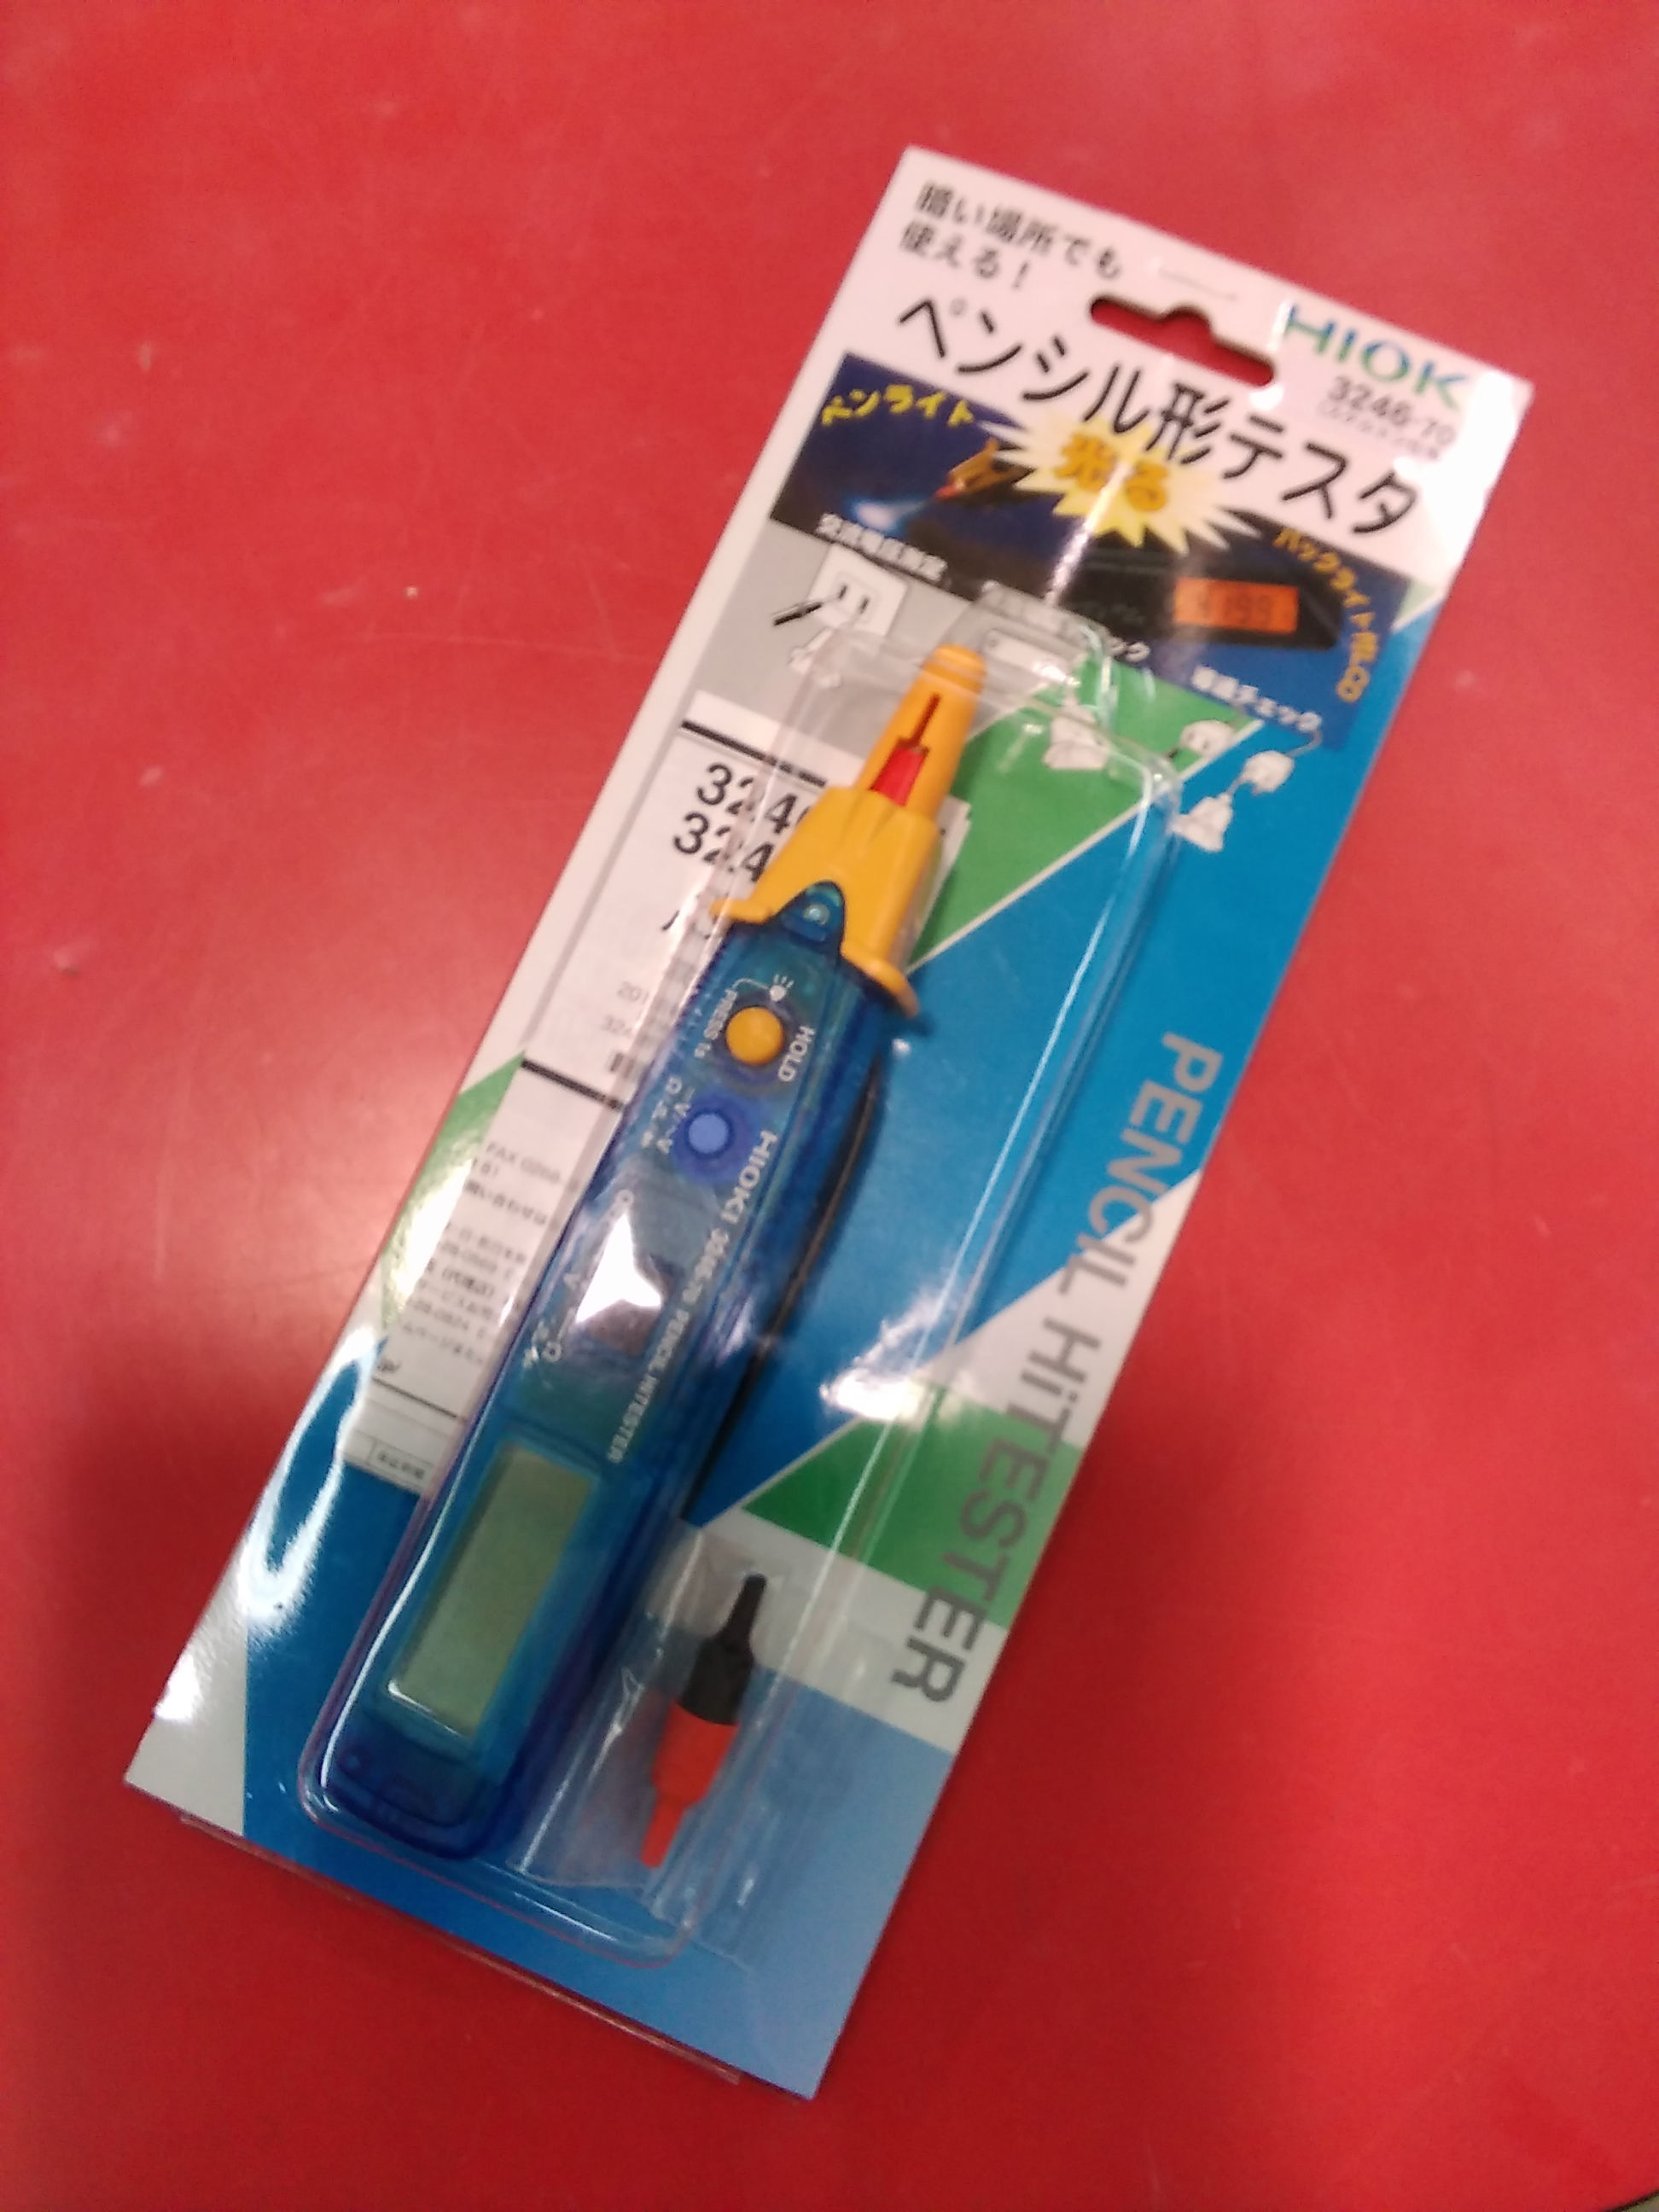 ペンシル型テスタ HIOKI